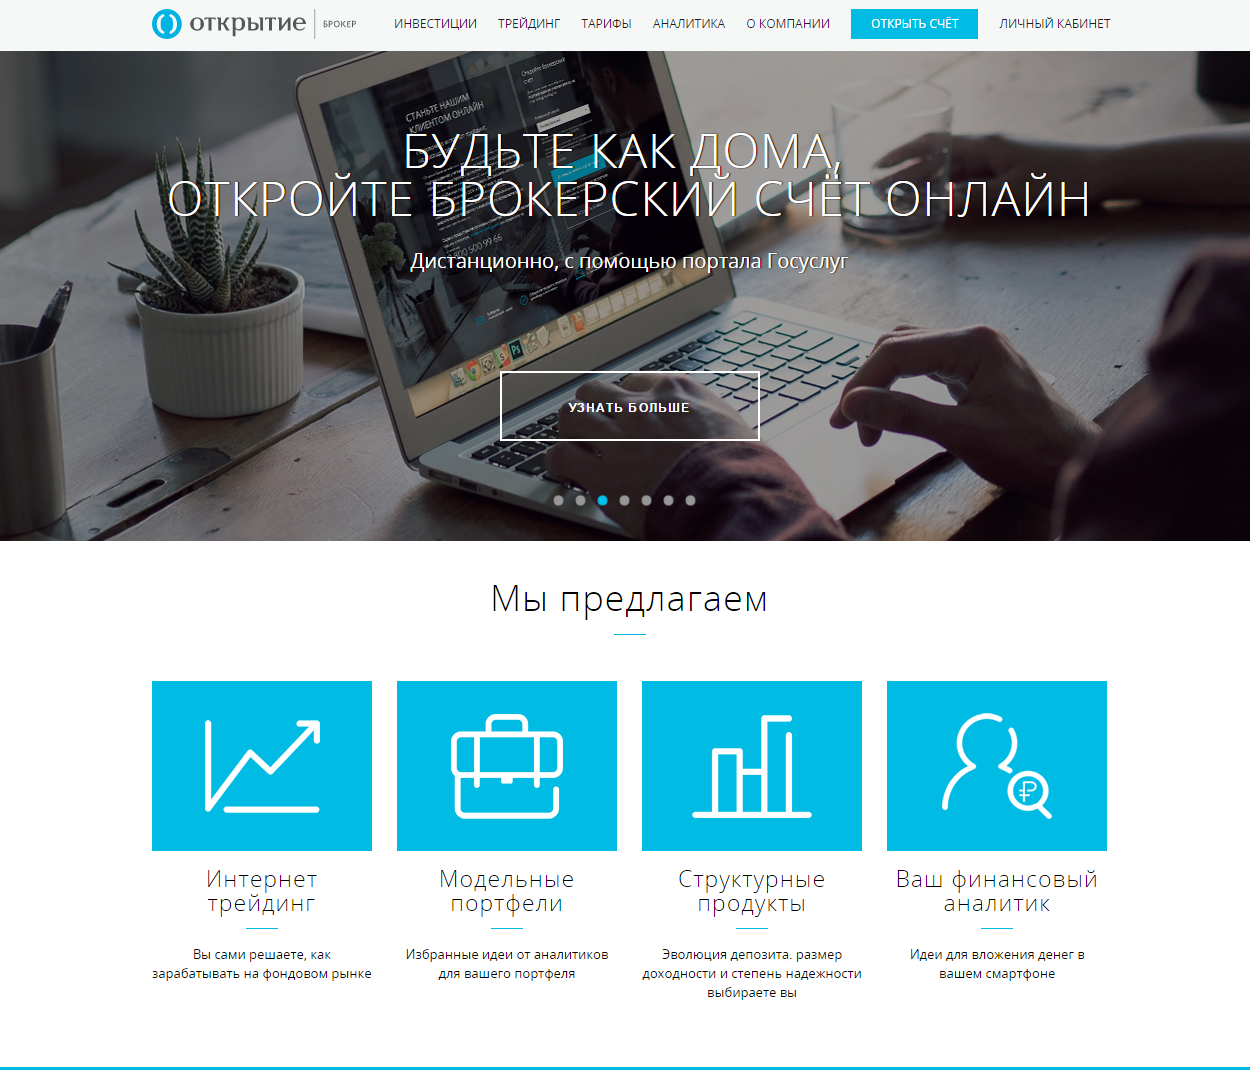 lichnyy-kabinet-otkrytie-broker-1.png